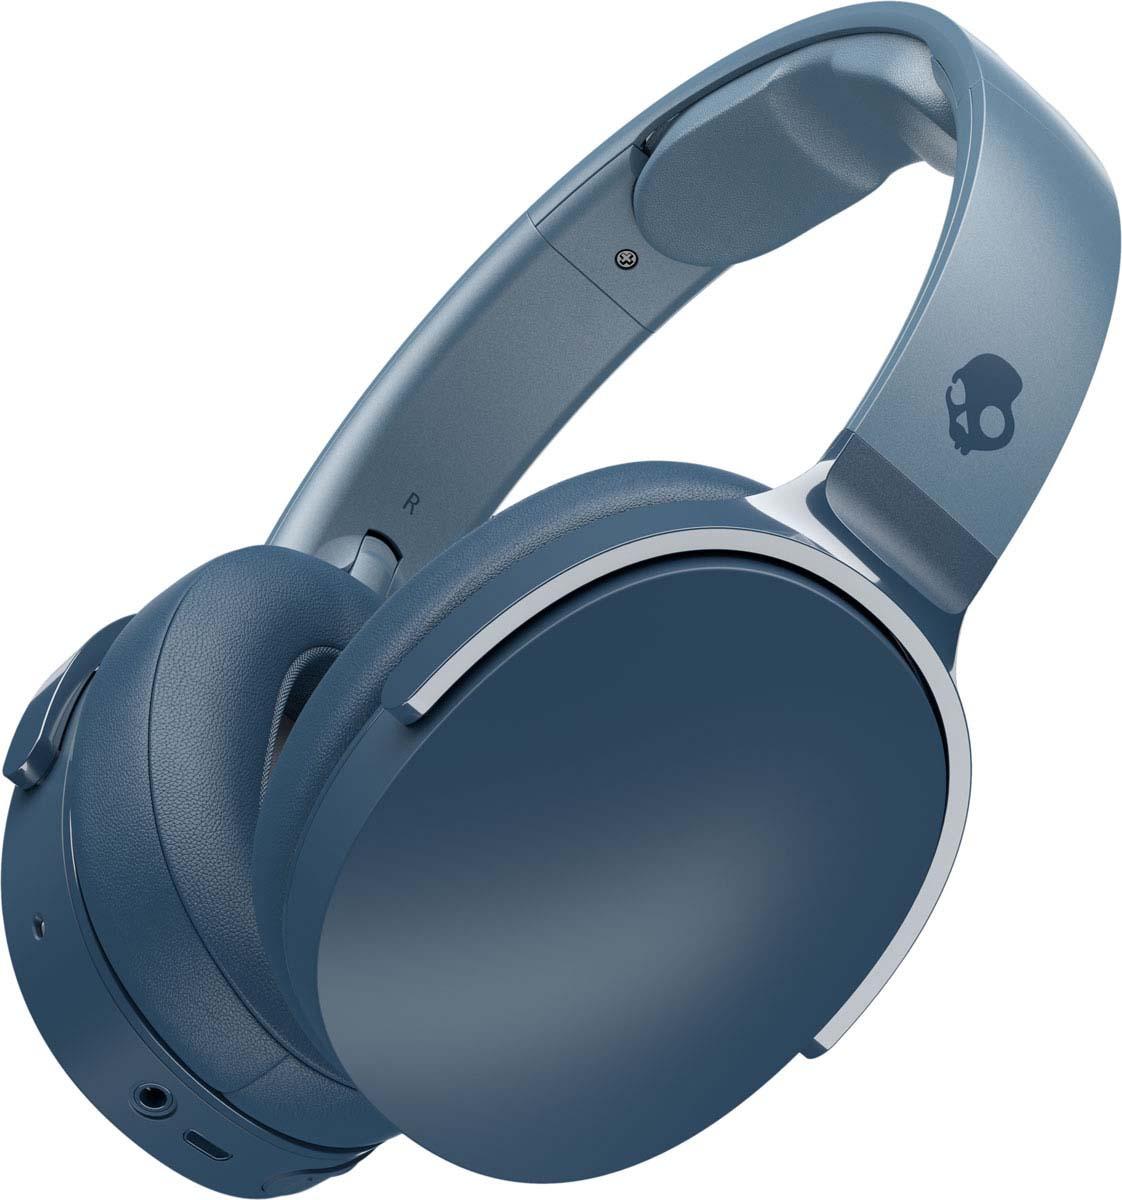 Беспроводные наушники Skullcandy Hesh 3 Wireless, темно-синий беспроводные наушники acousticsheep sleepphones wireless breeze темно синий